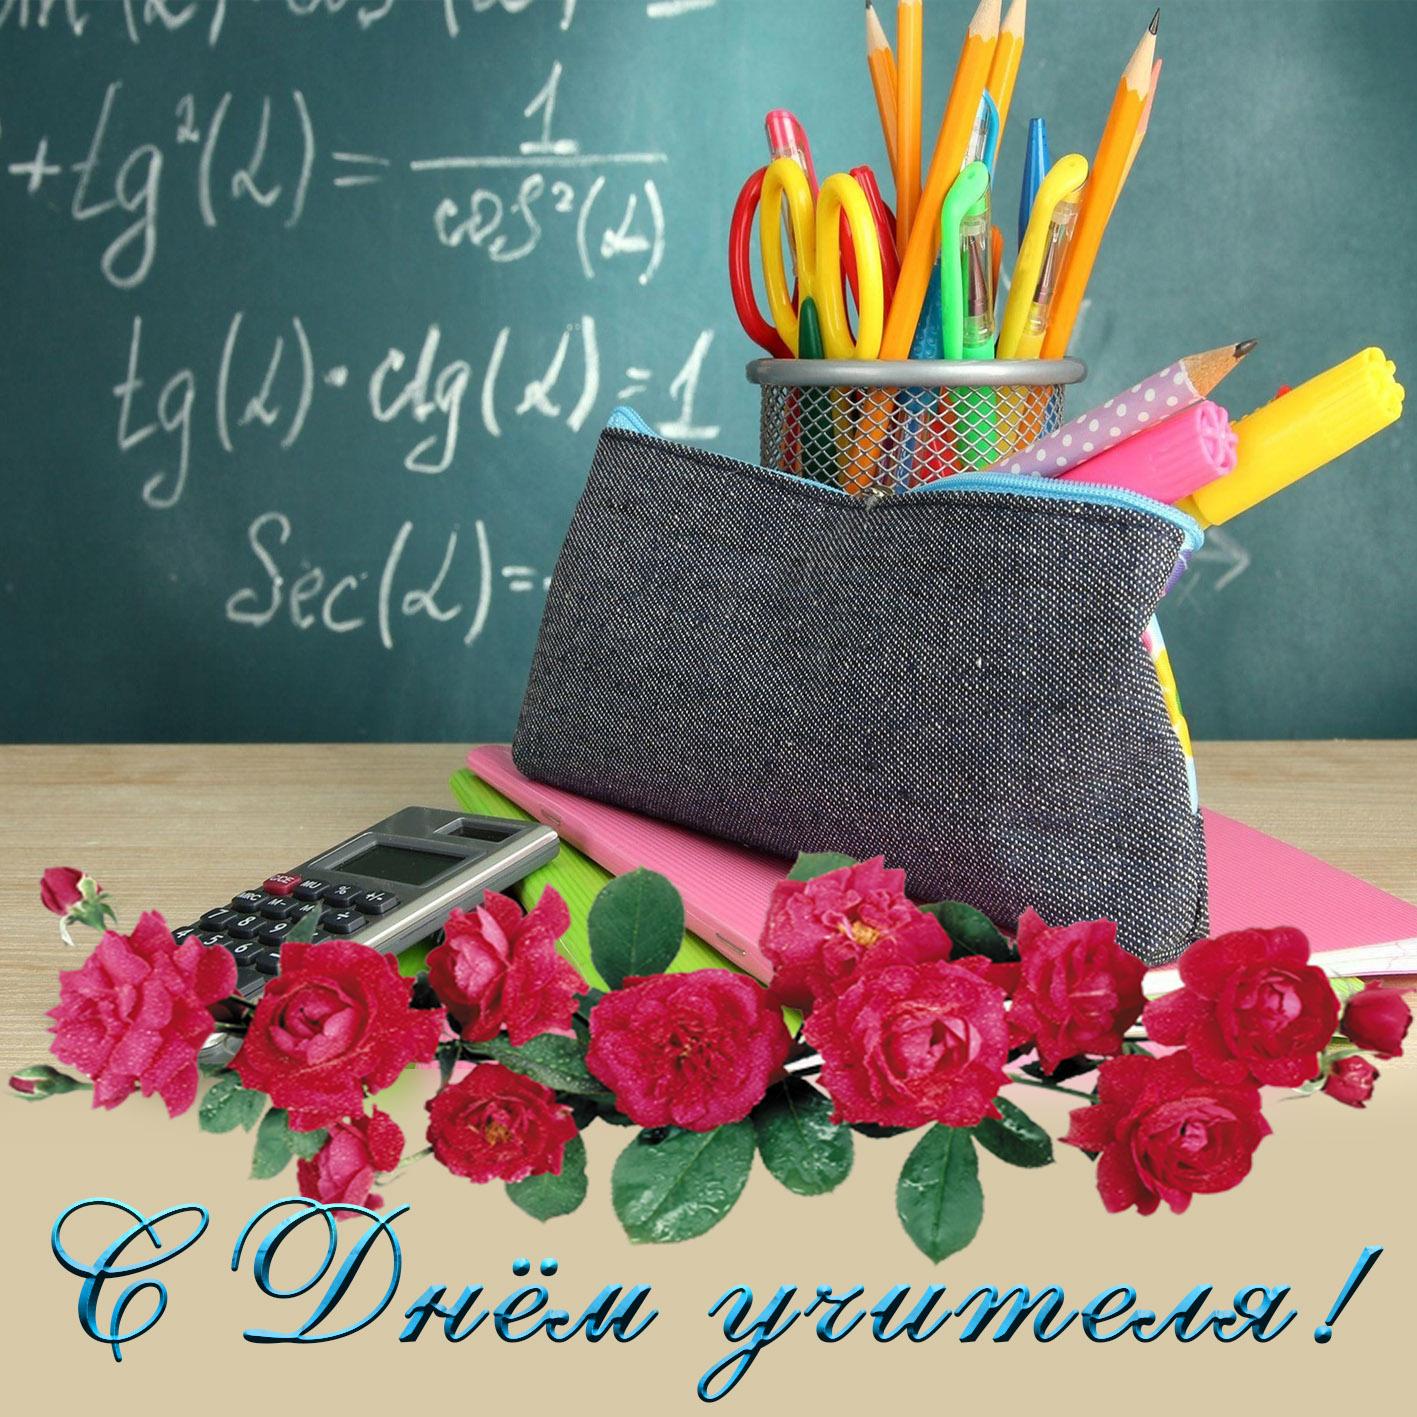 Картинки на тему с днем учителя красивые, отпуск ура открытки